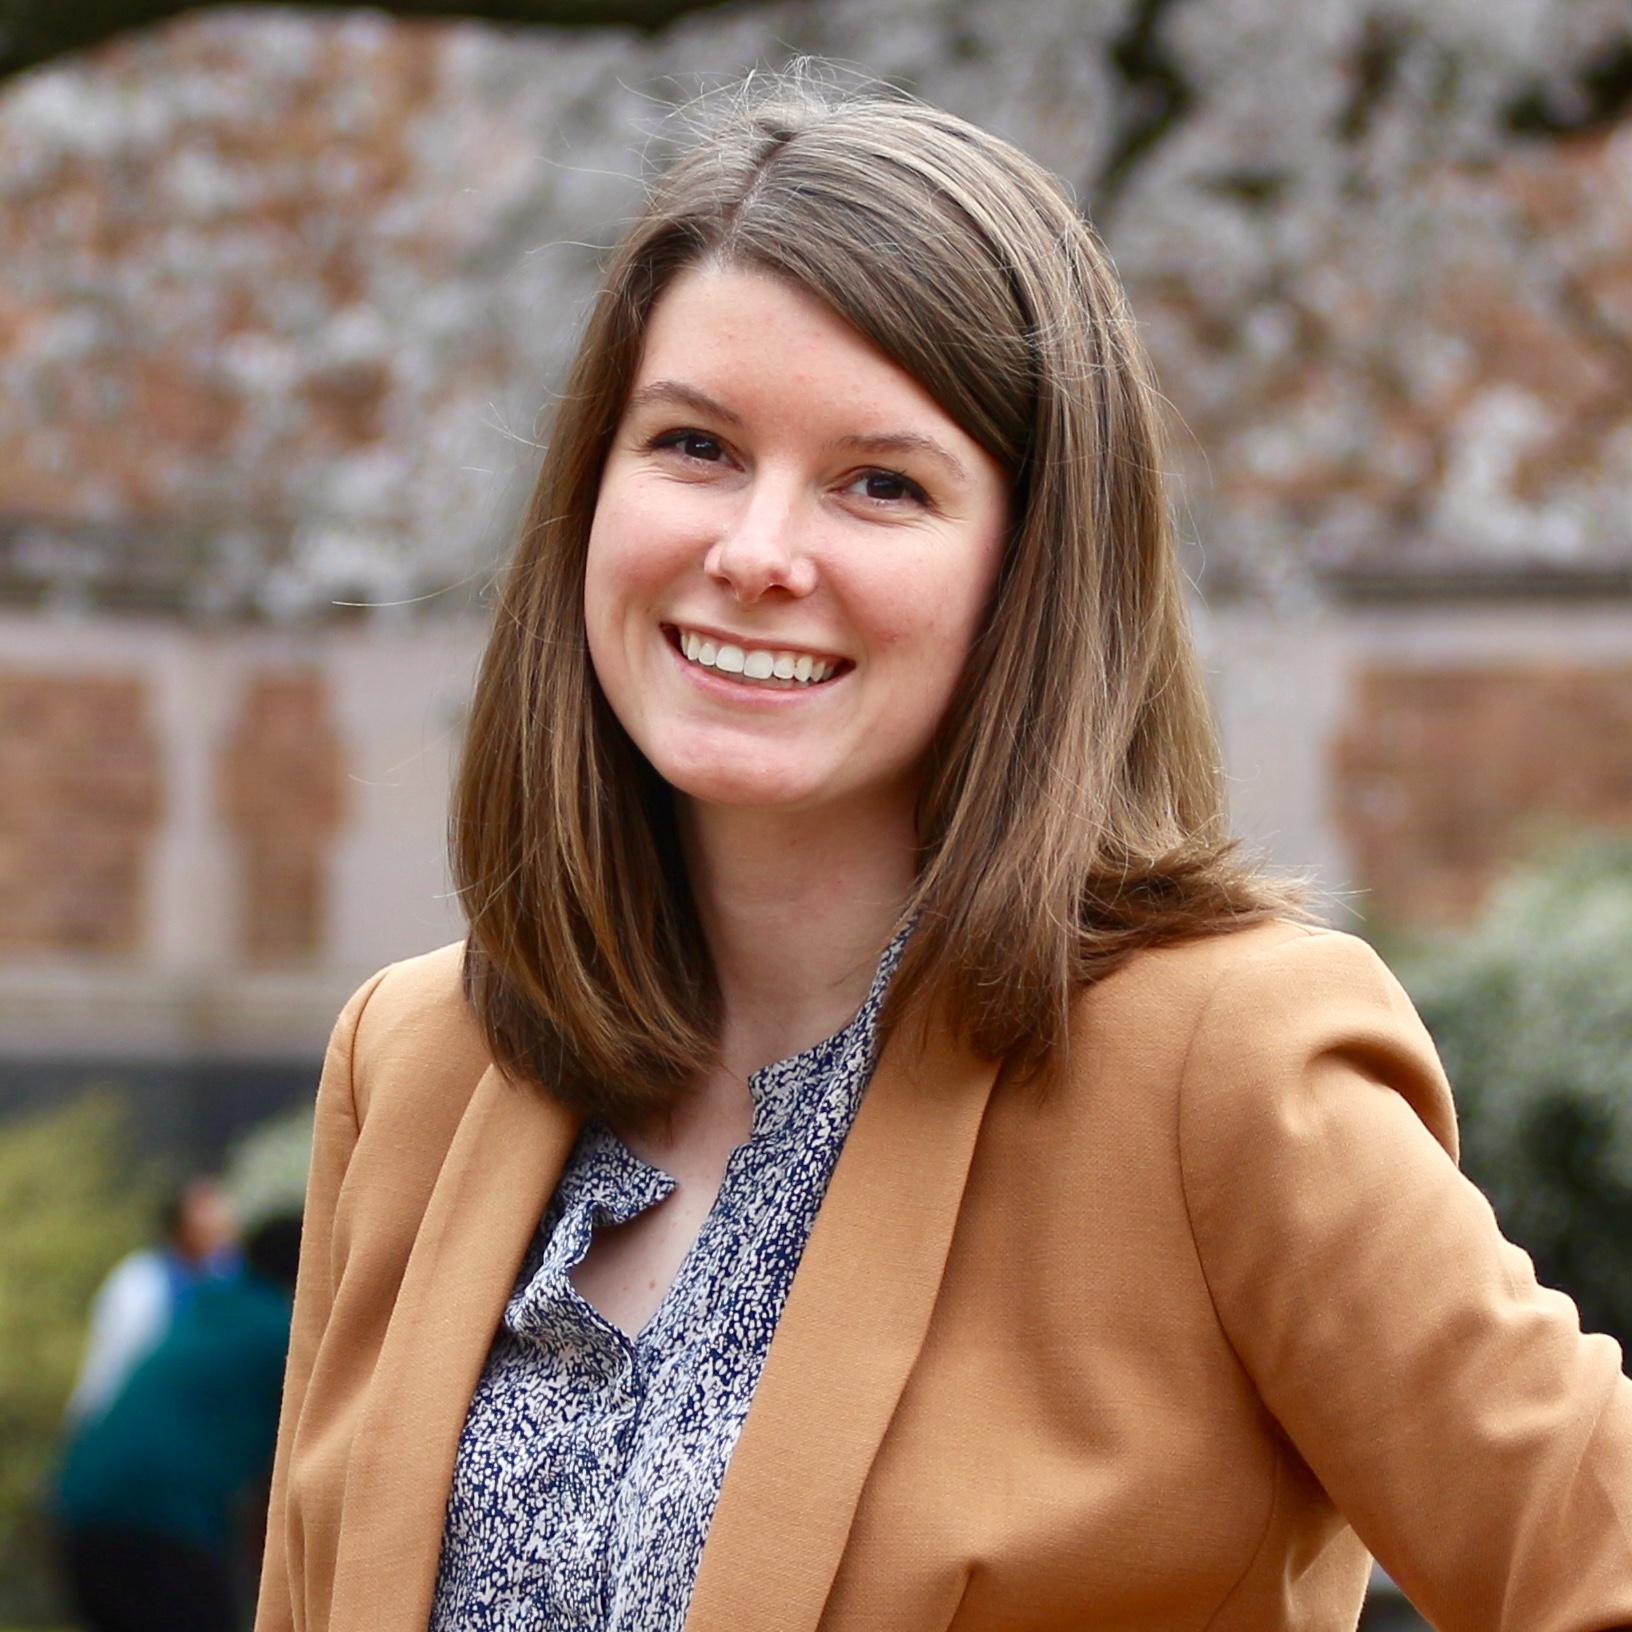 Lauren Hatchett